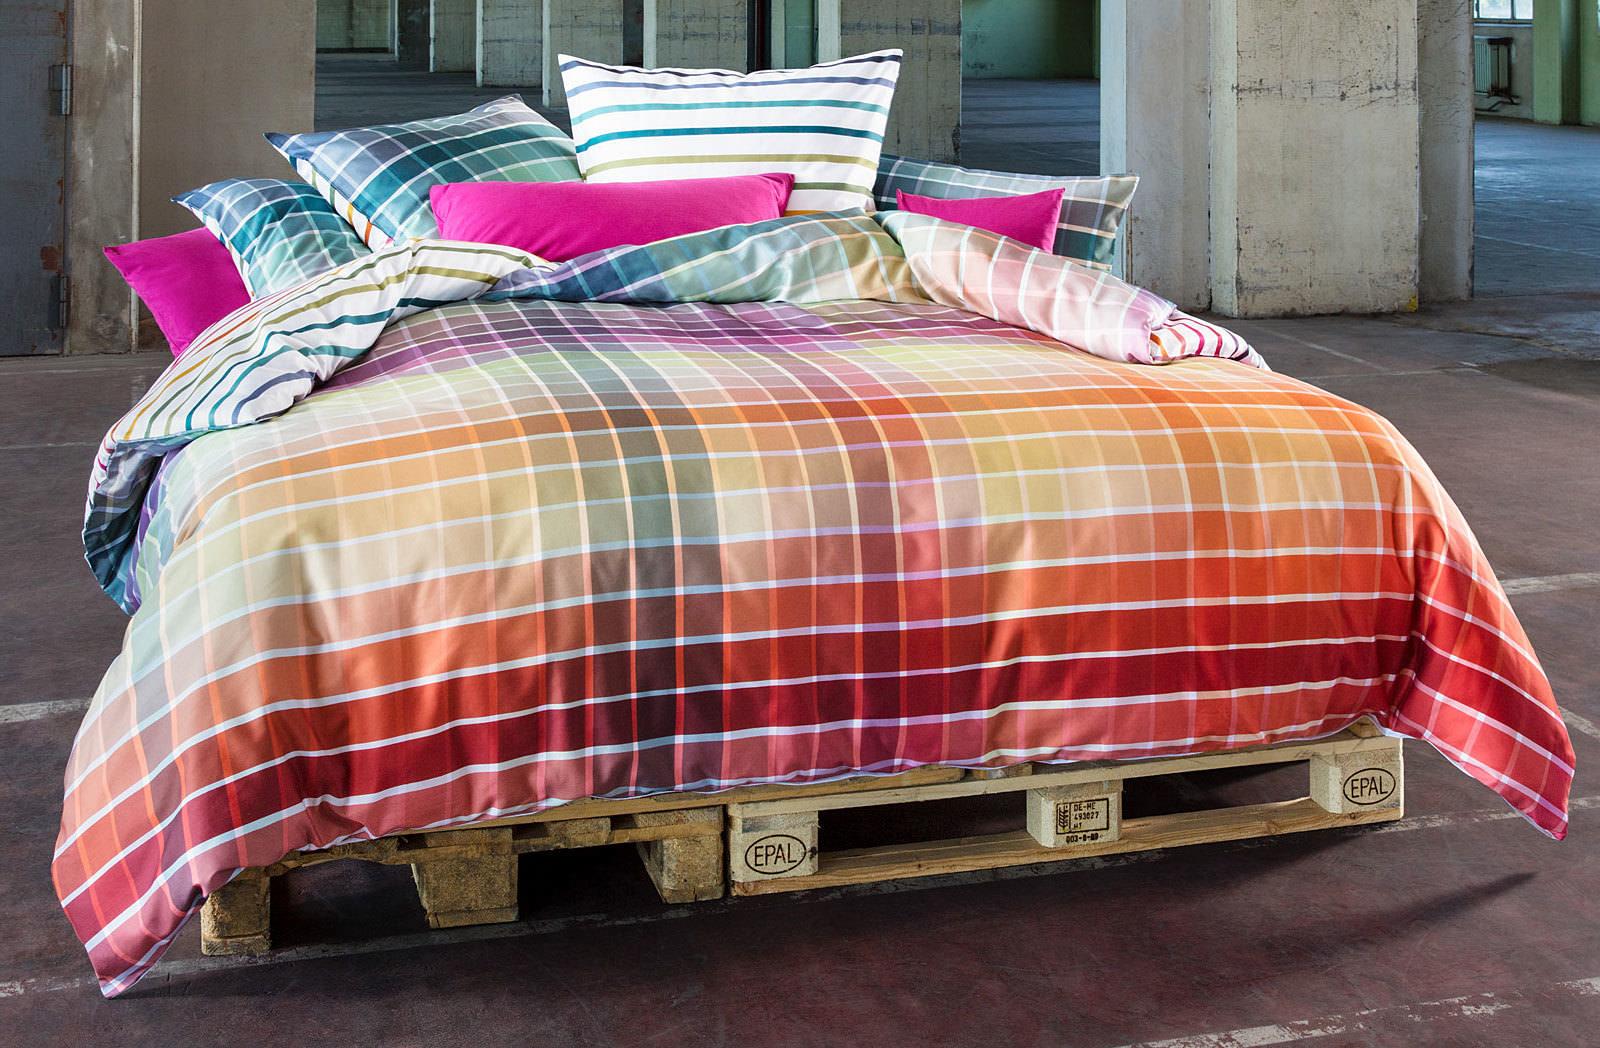 Estella MakoSatinBettwsche mehrfarbig online entdecken  Schaffrath  Ihr Mbelhaus